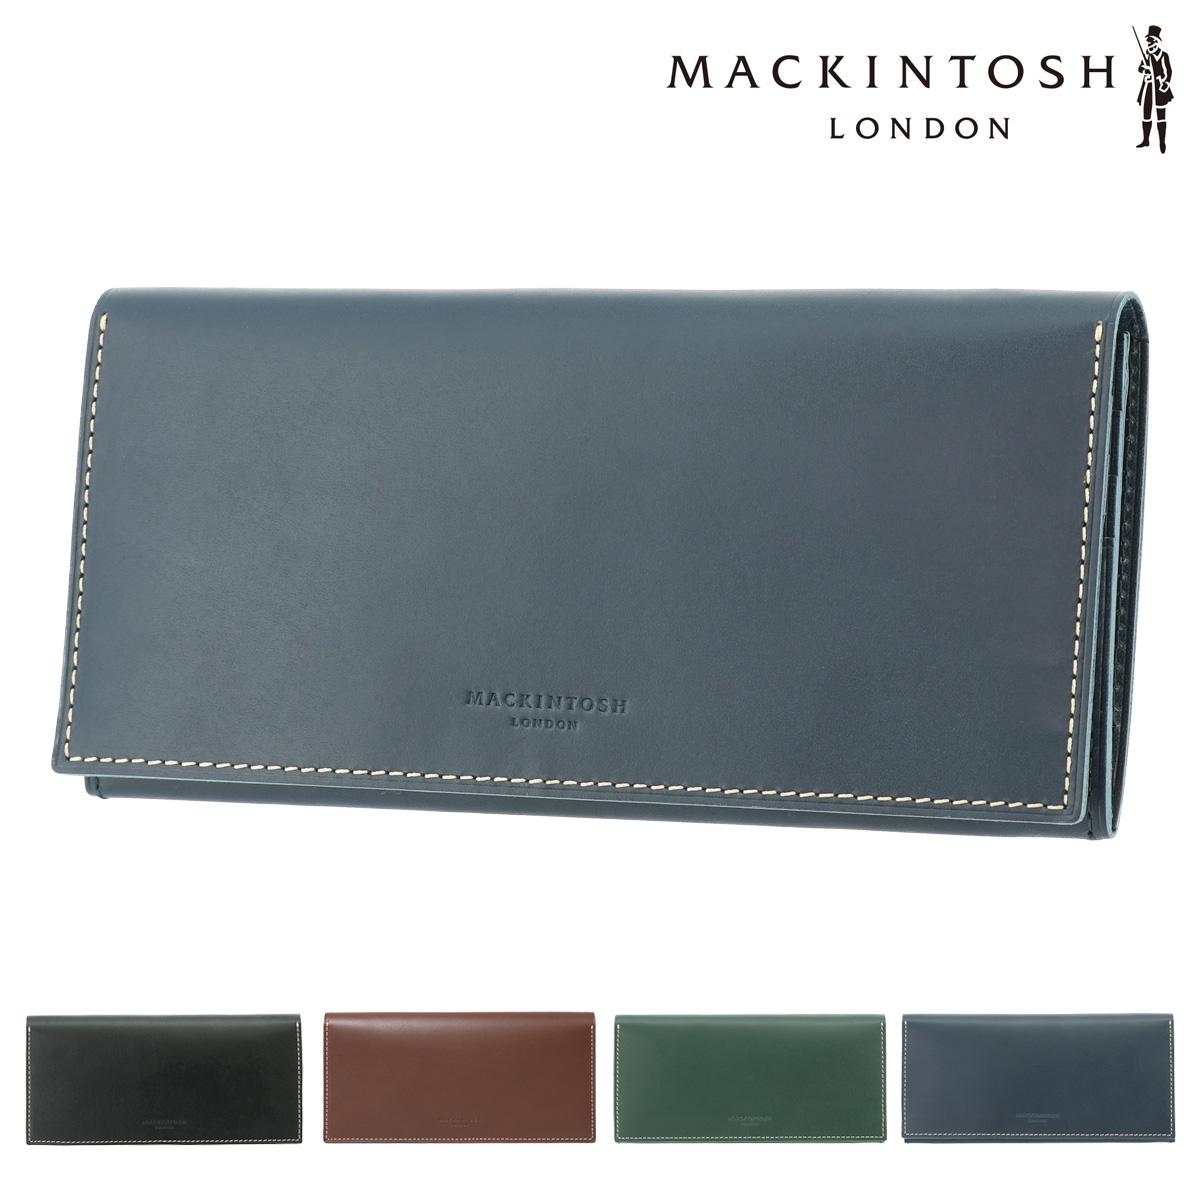 マッキントッシュ ロンドン 長財布 ワン メンズ 60032 MACKINTOSH LONDON | 牛革 本革 レザー ブランド専用BOX付き[PO5]